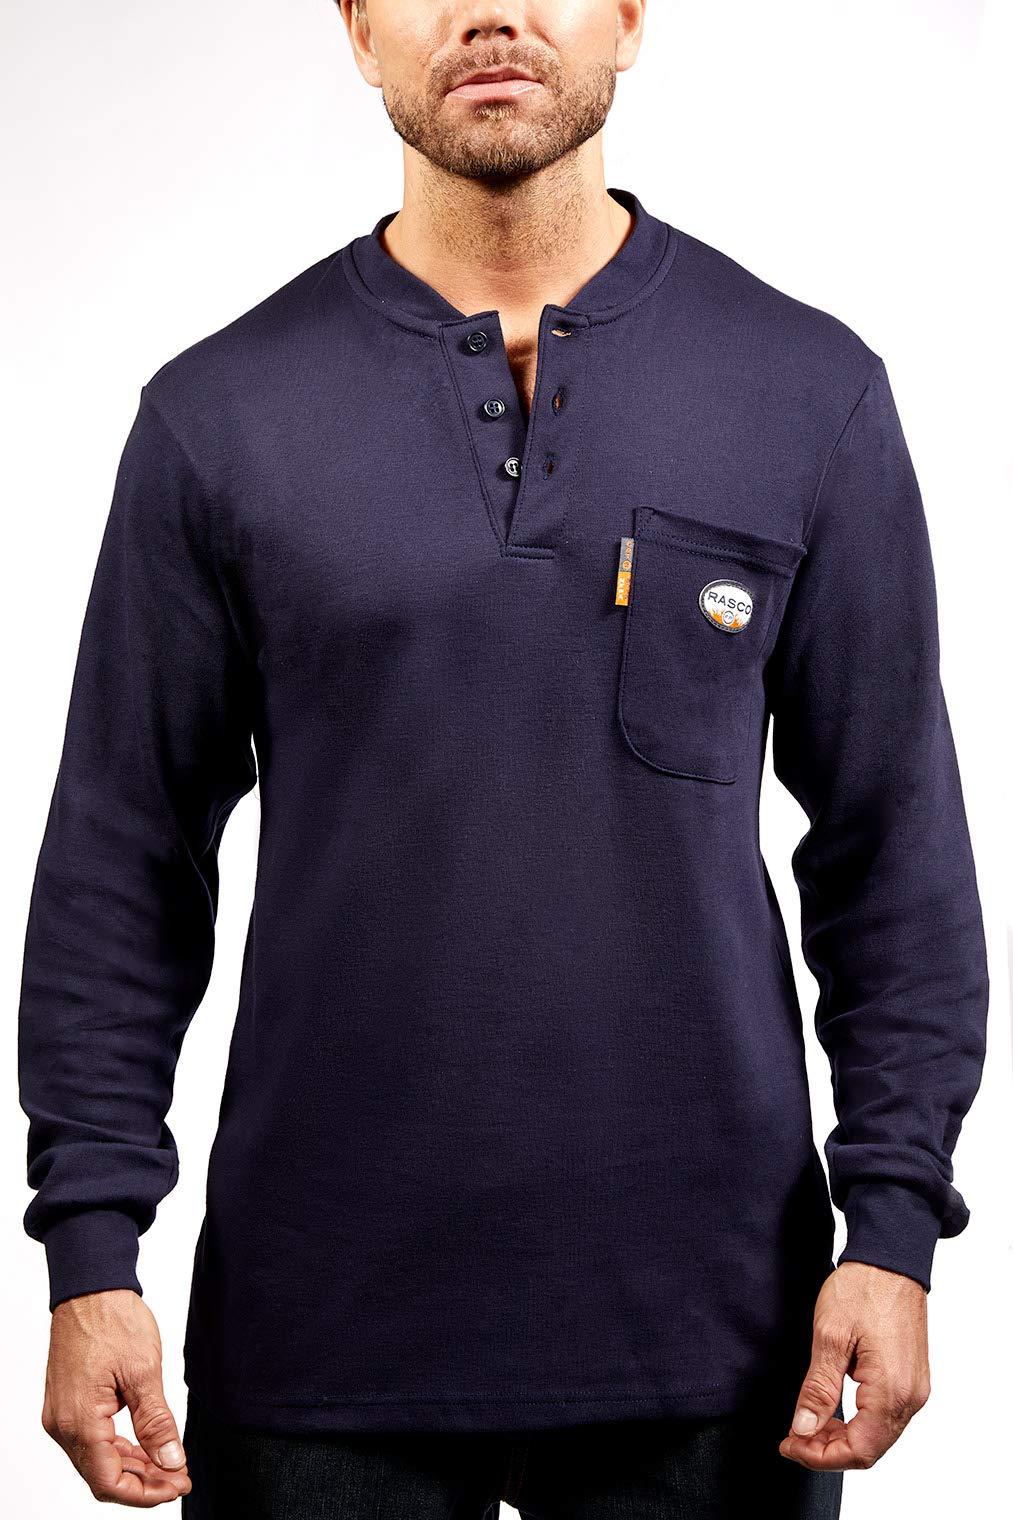 Rasco FR Mens Rasco Navy LS Work Tshirt